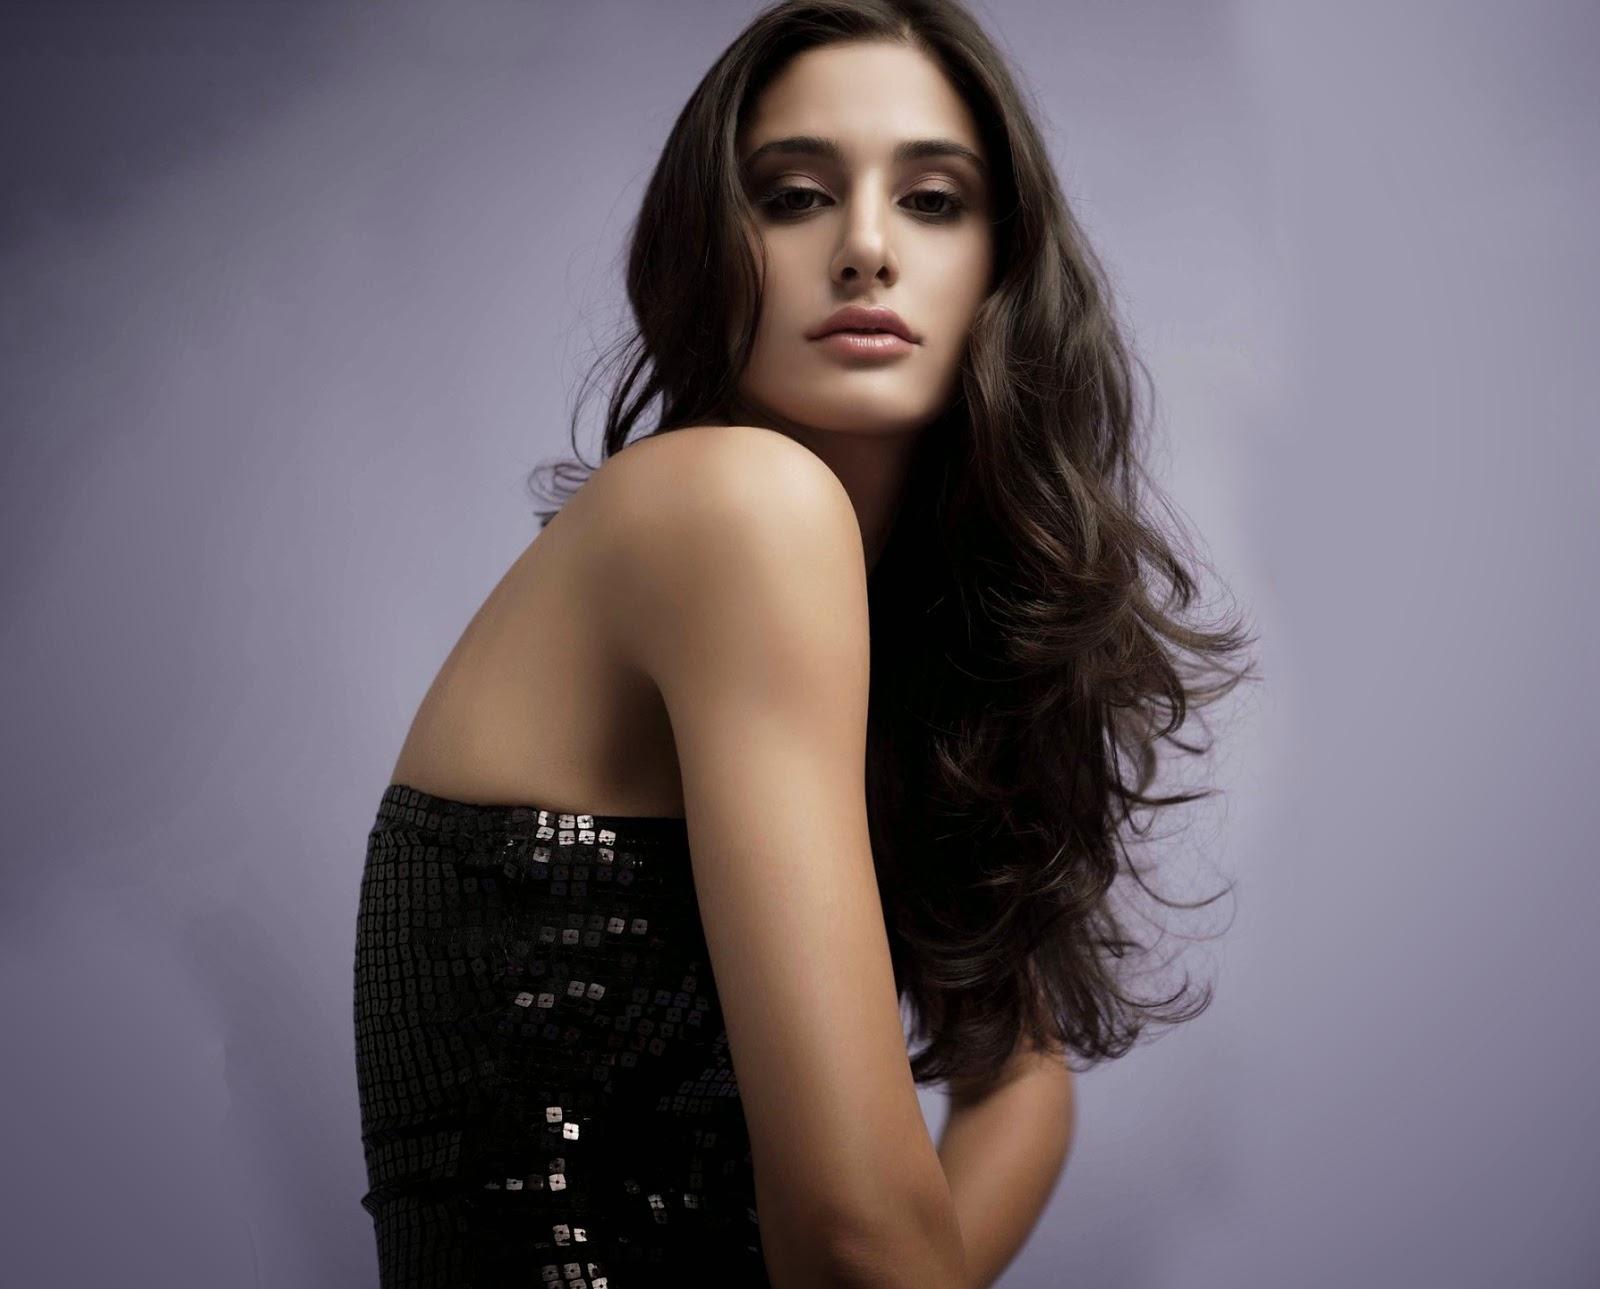 Celebrities Hd Wallpaper Download Nargis Fakhri Hd: Nargis Fakhri Hot & Beautiful Images 2013-14